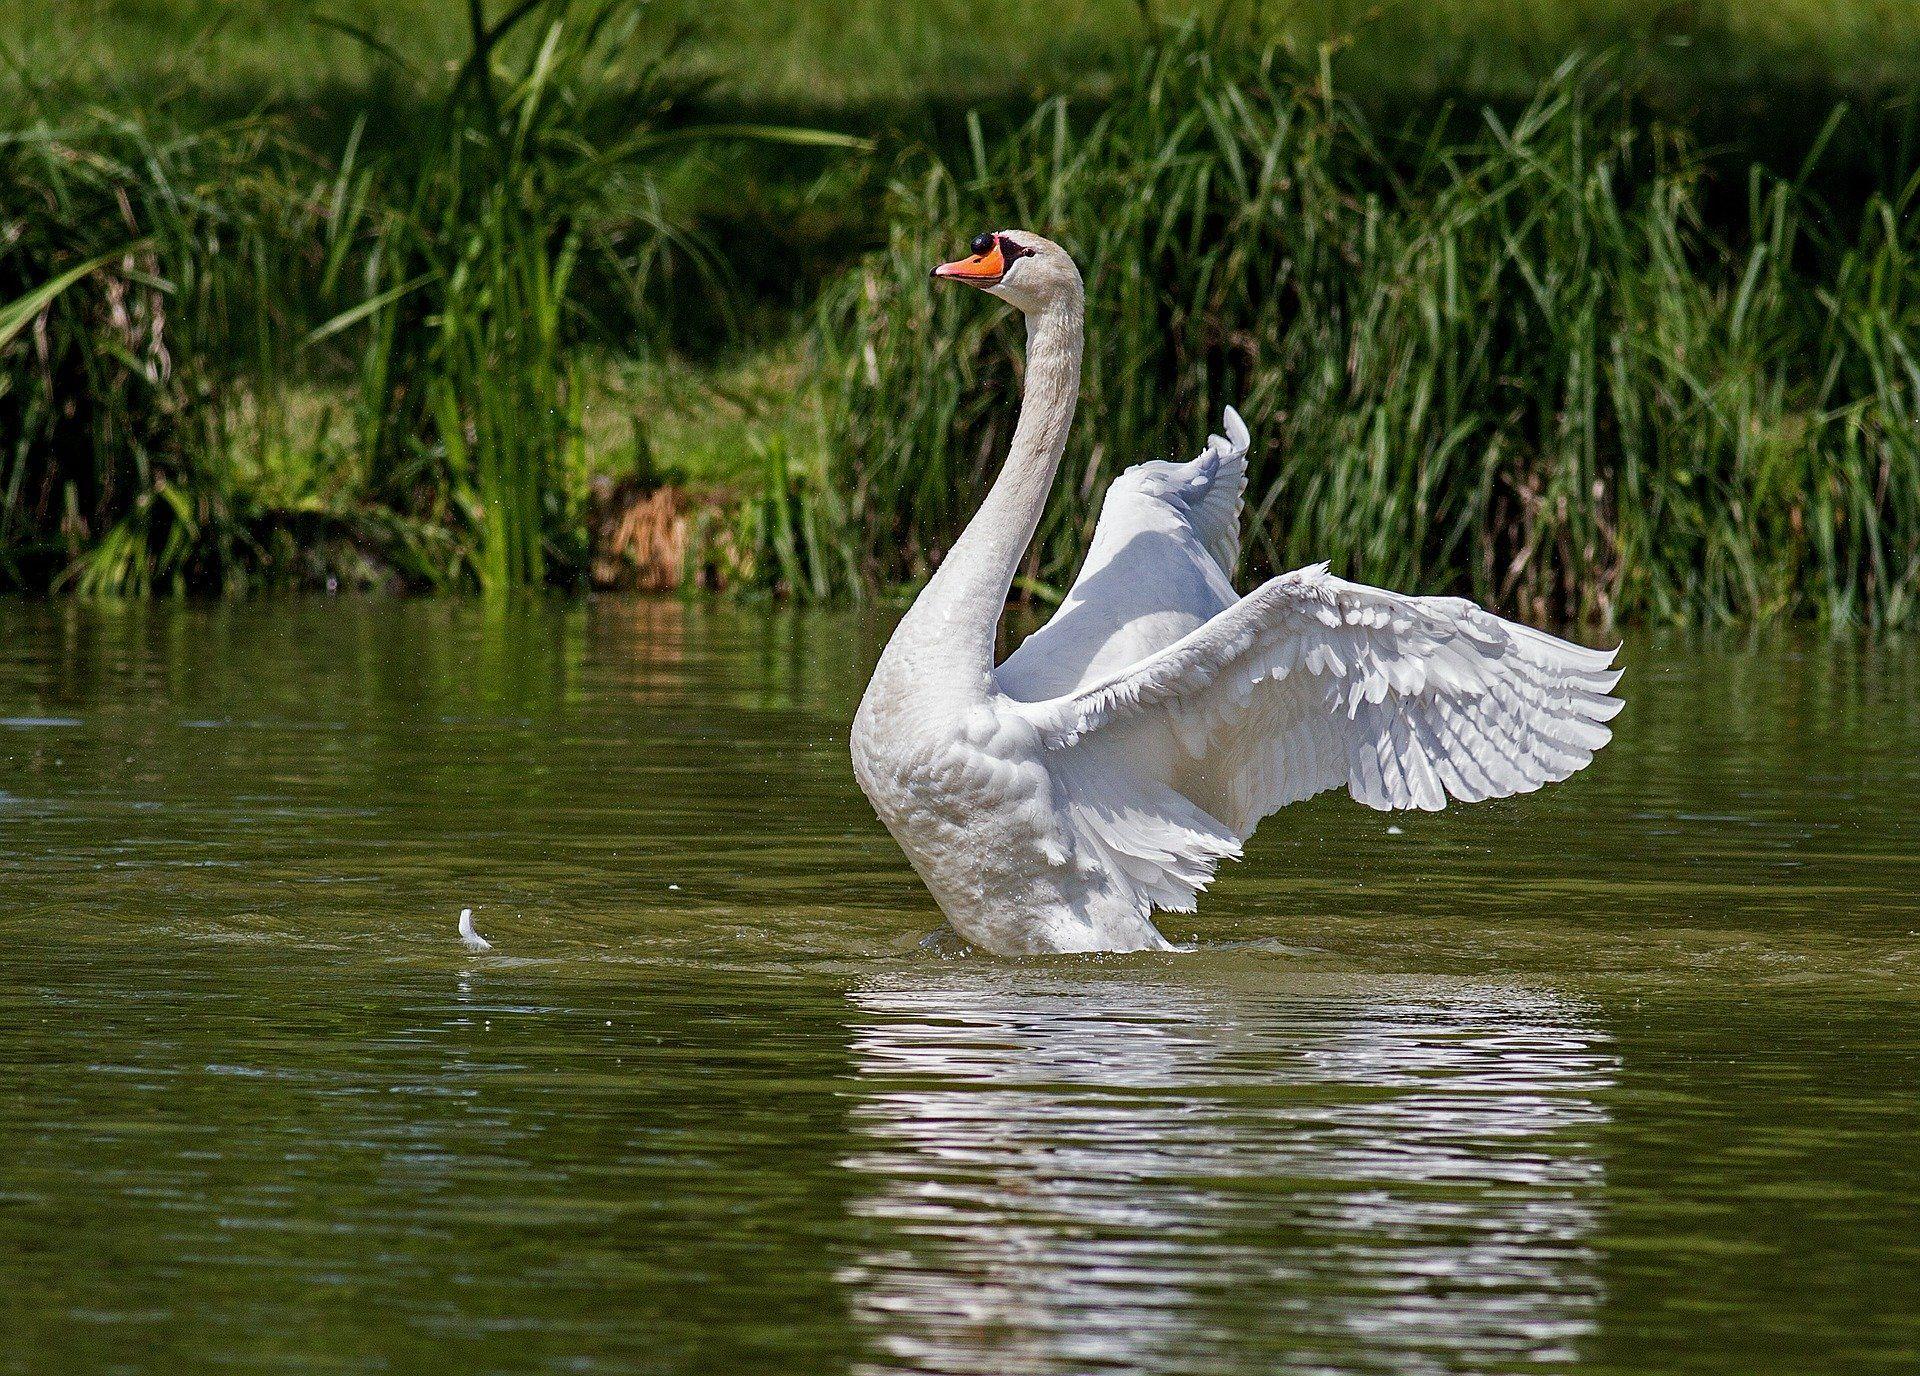 Скачать бесплатно лучшее фото белого лебедя в хорошем качестве